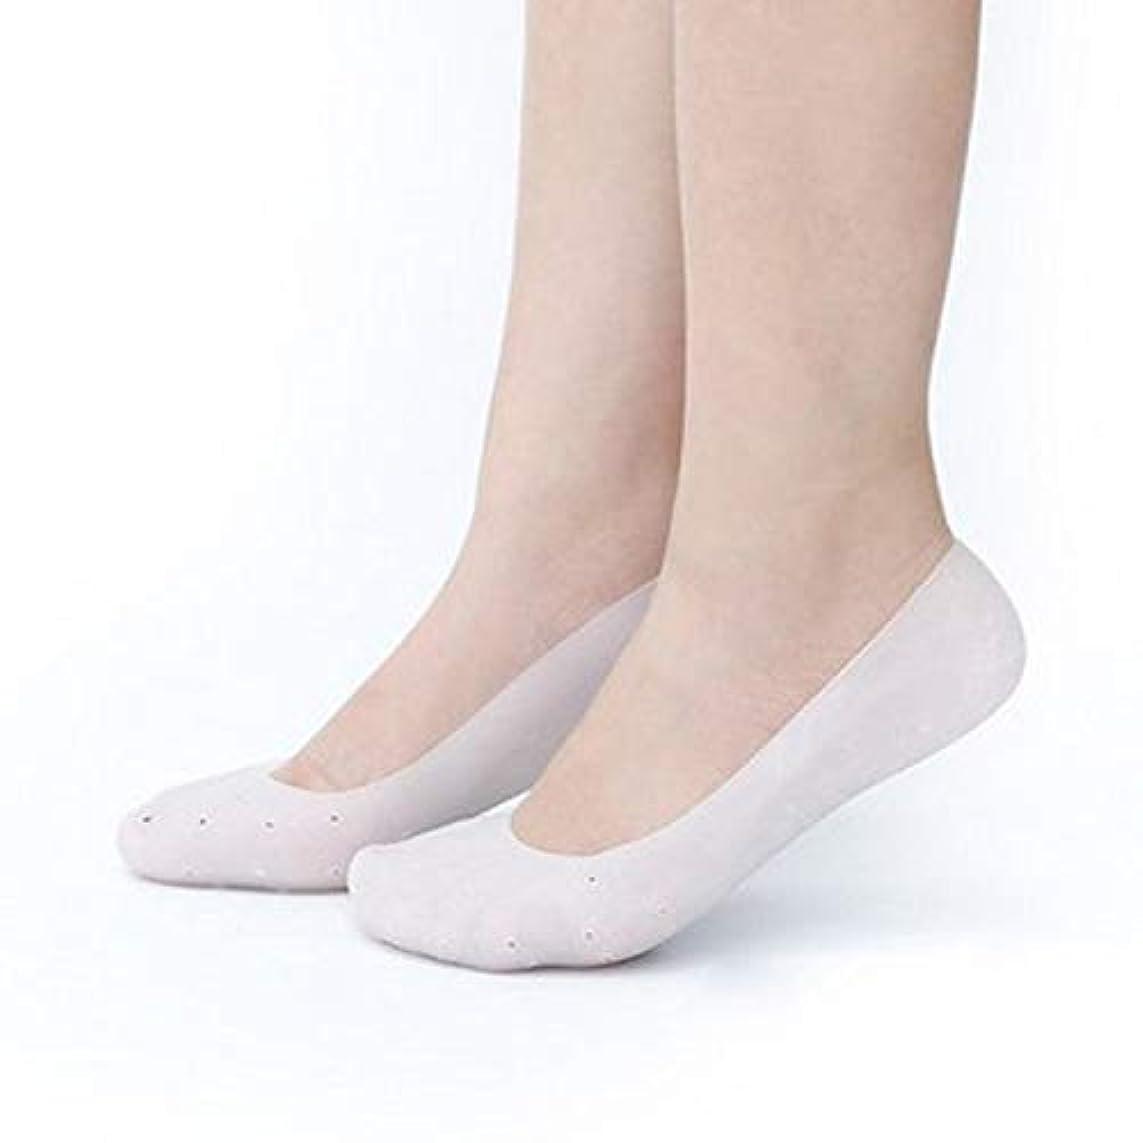 うつ残基あいまいな保湿靴下 シリコンソックス 角質ケア ひび割れ かかとケア あかぎれ予防 足裂対策